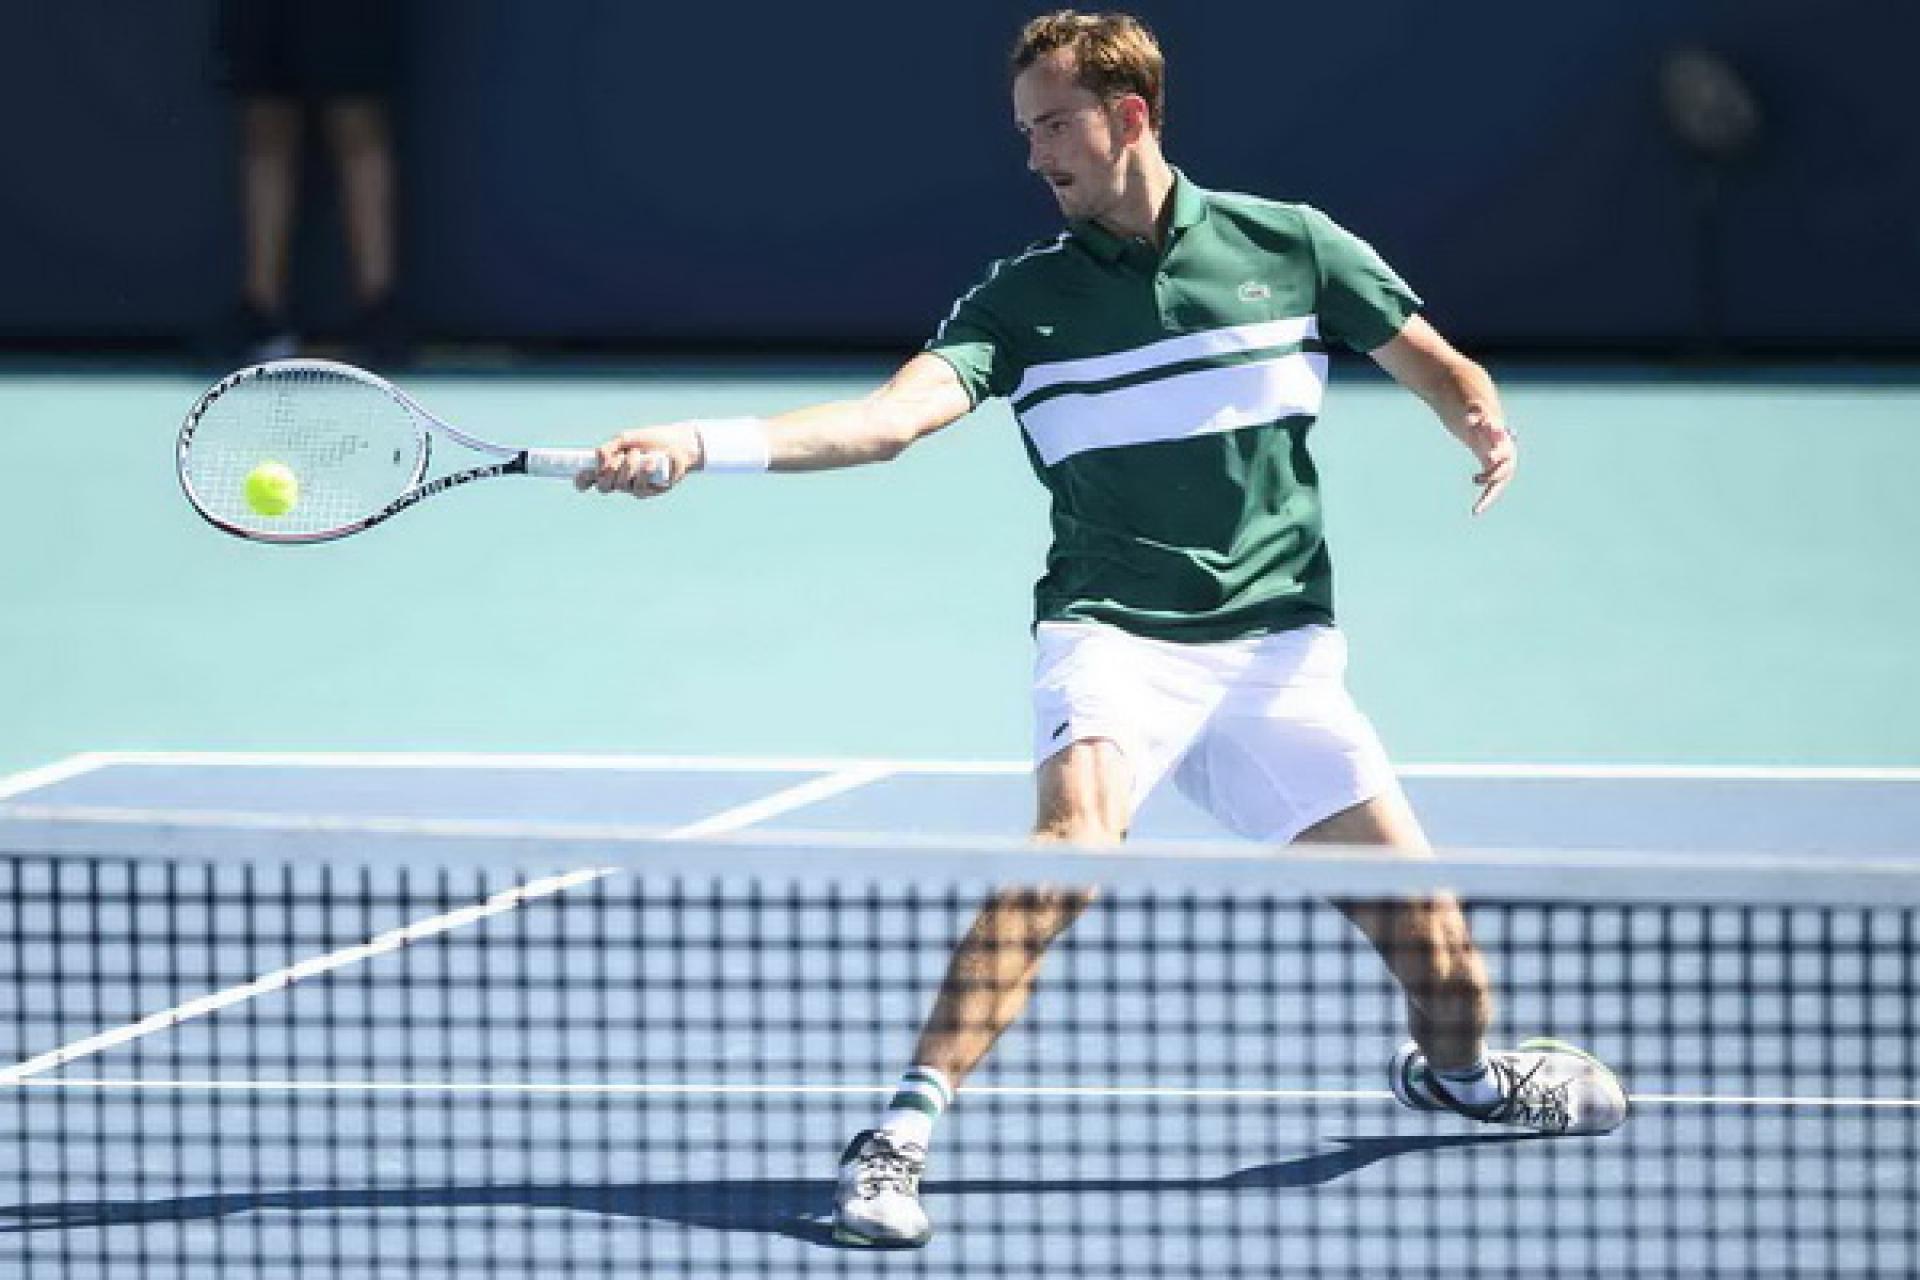 Đôi công mãn nhãn: Medvedev bắt vô-lê tuyệt vời, Agut bền bỉ như Nadal - 1